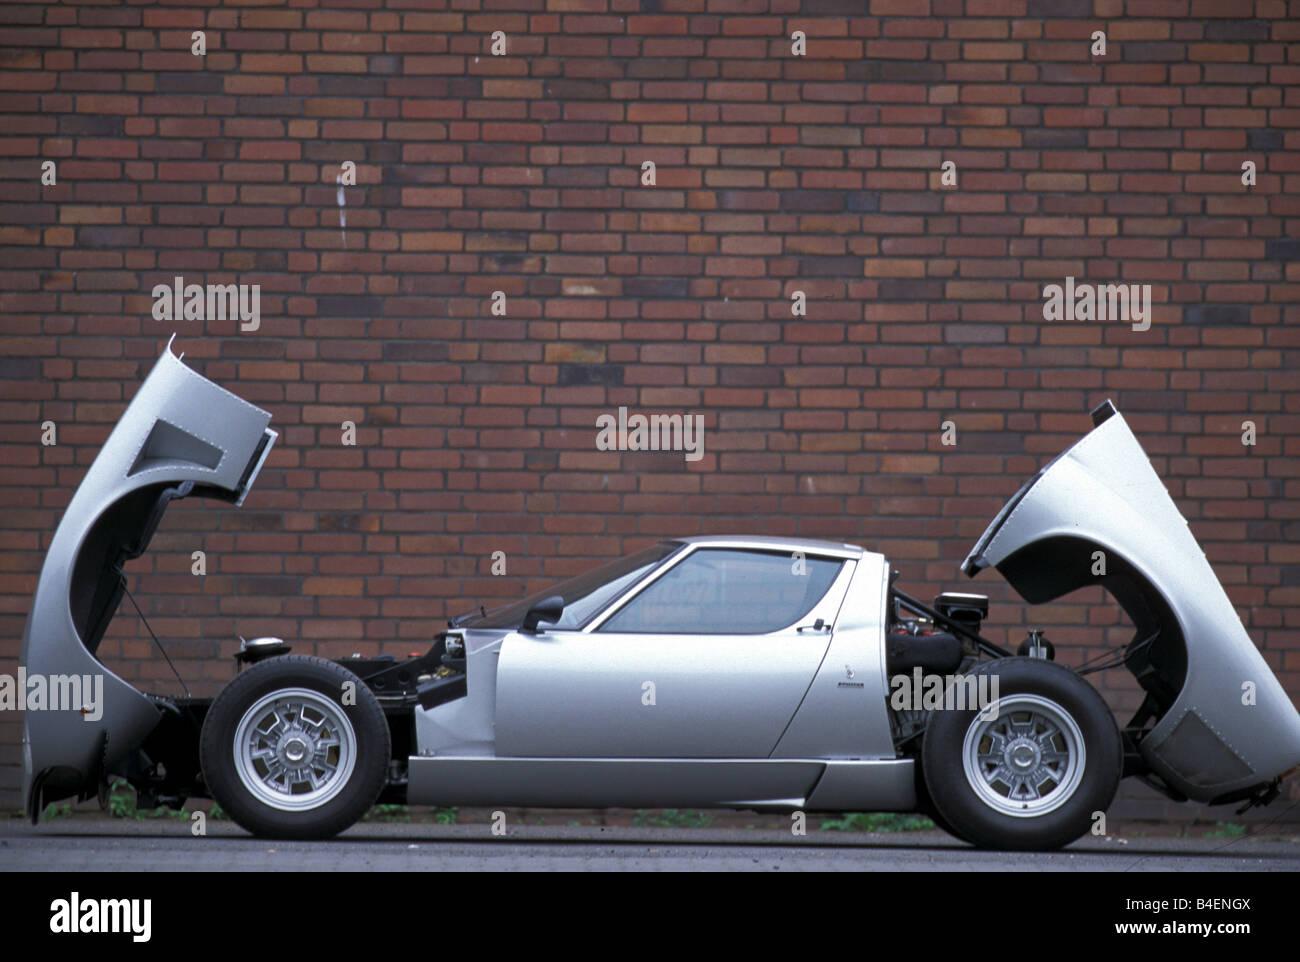 Lamborghini Miura Sv Jota Stock Photos Lamborghini Miura Sv Jota